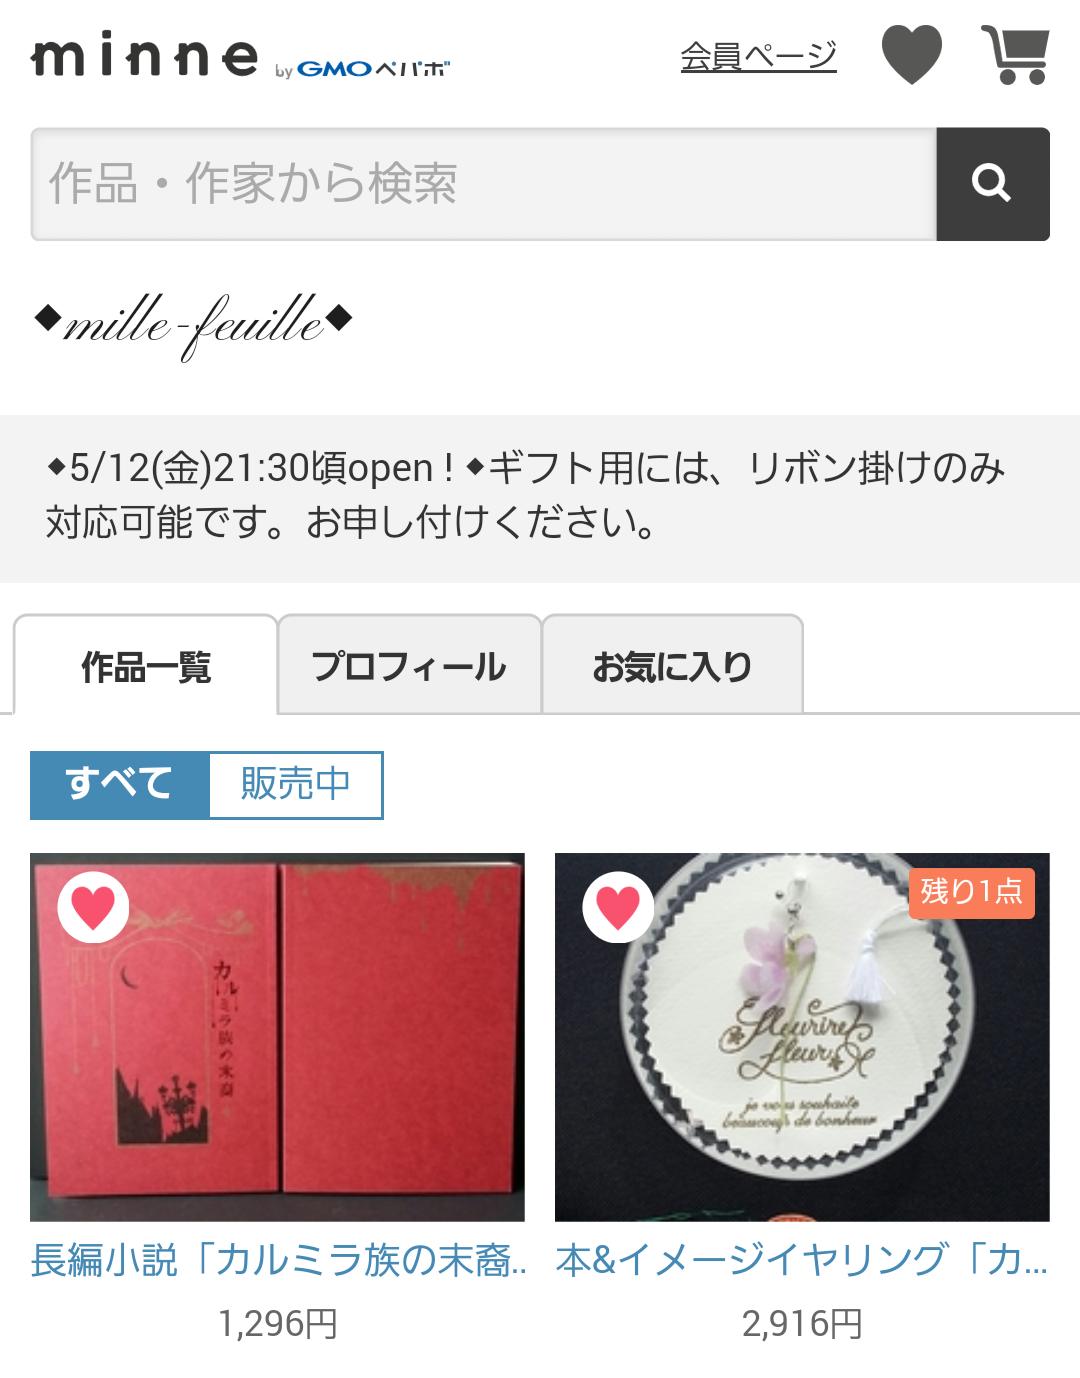 5/12オープン【Web Shop】掲載中!